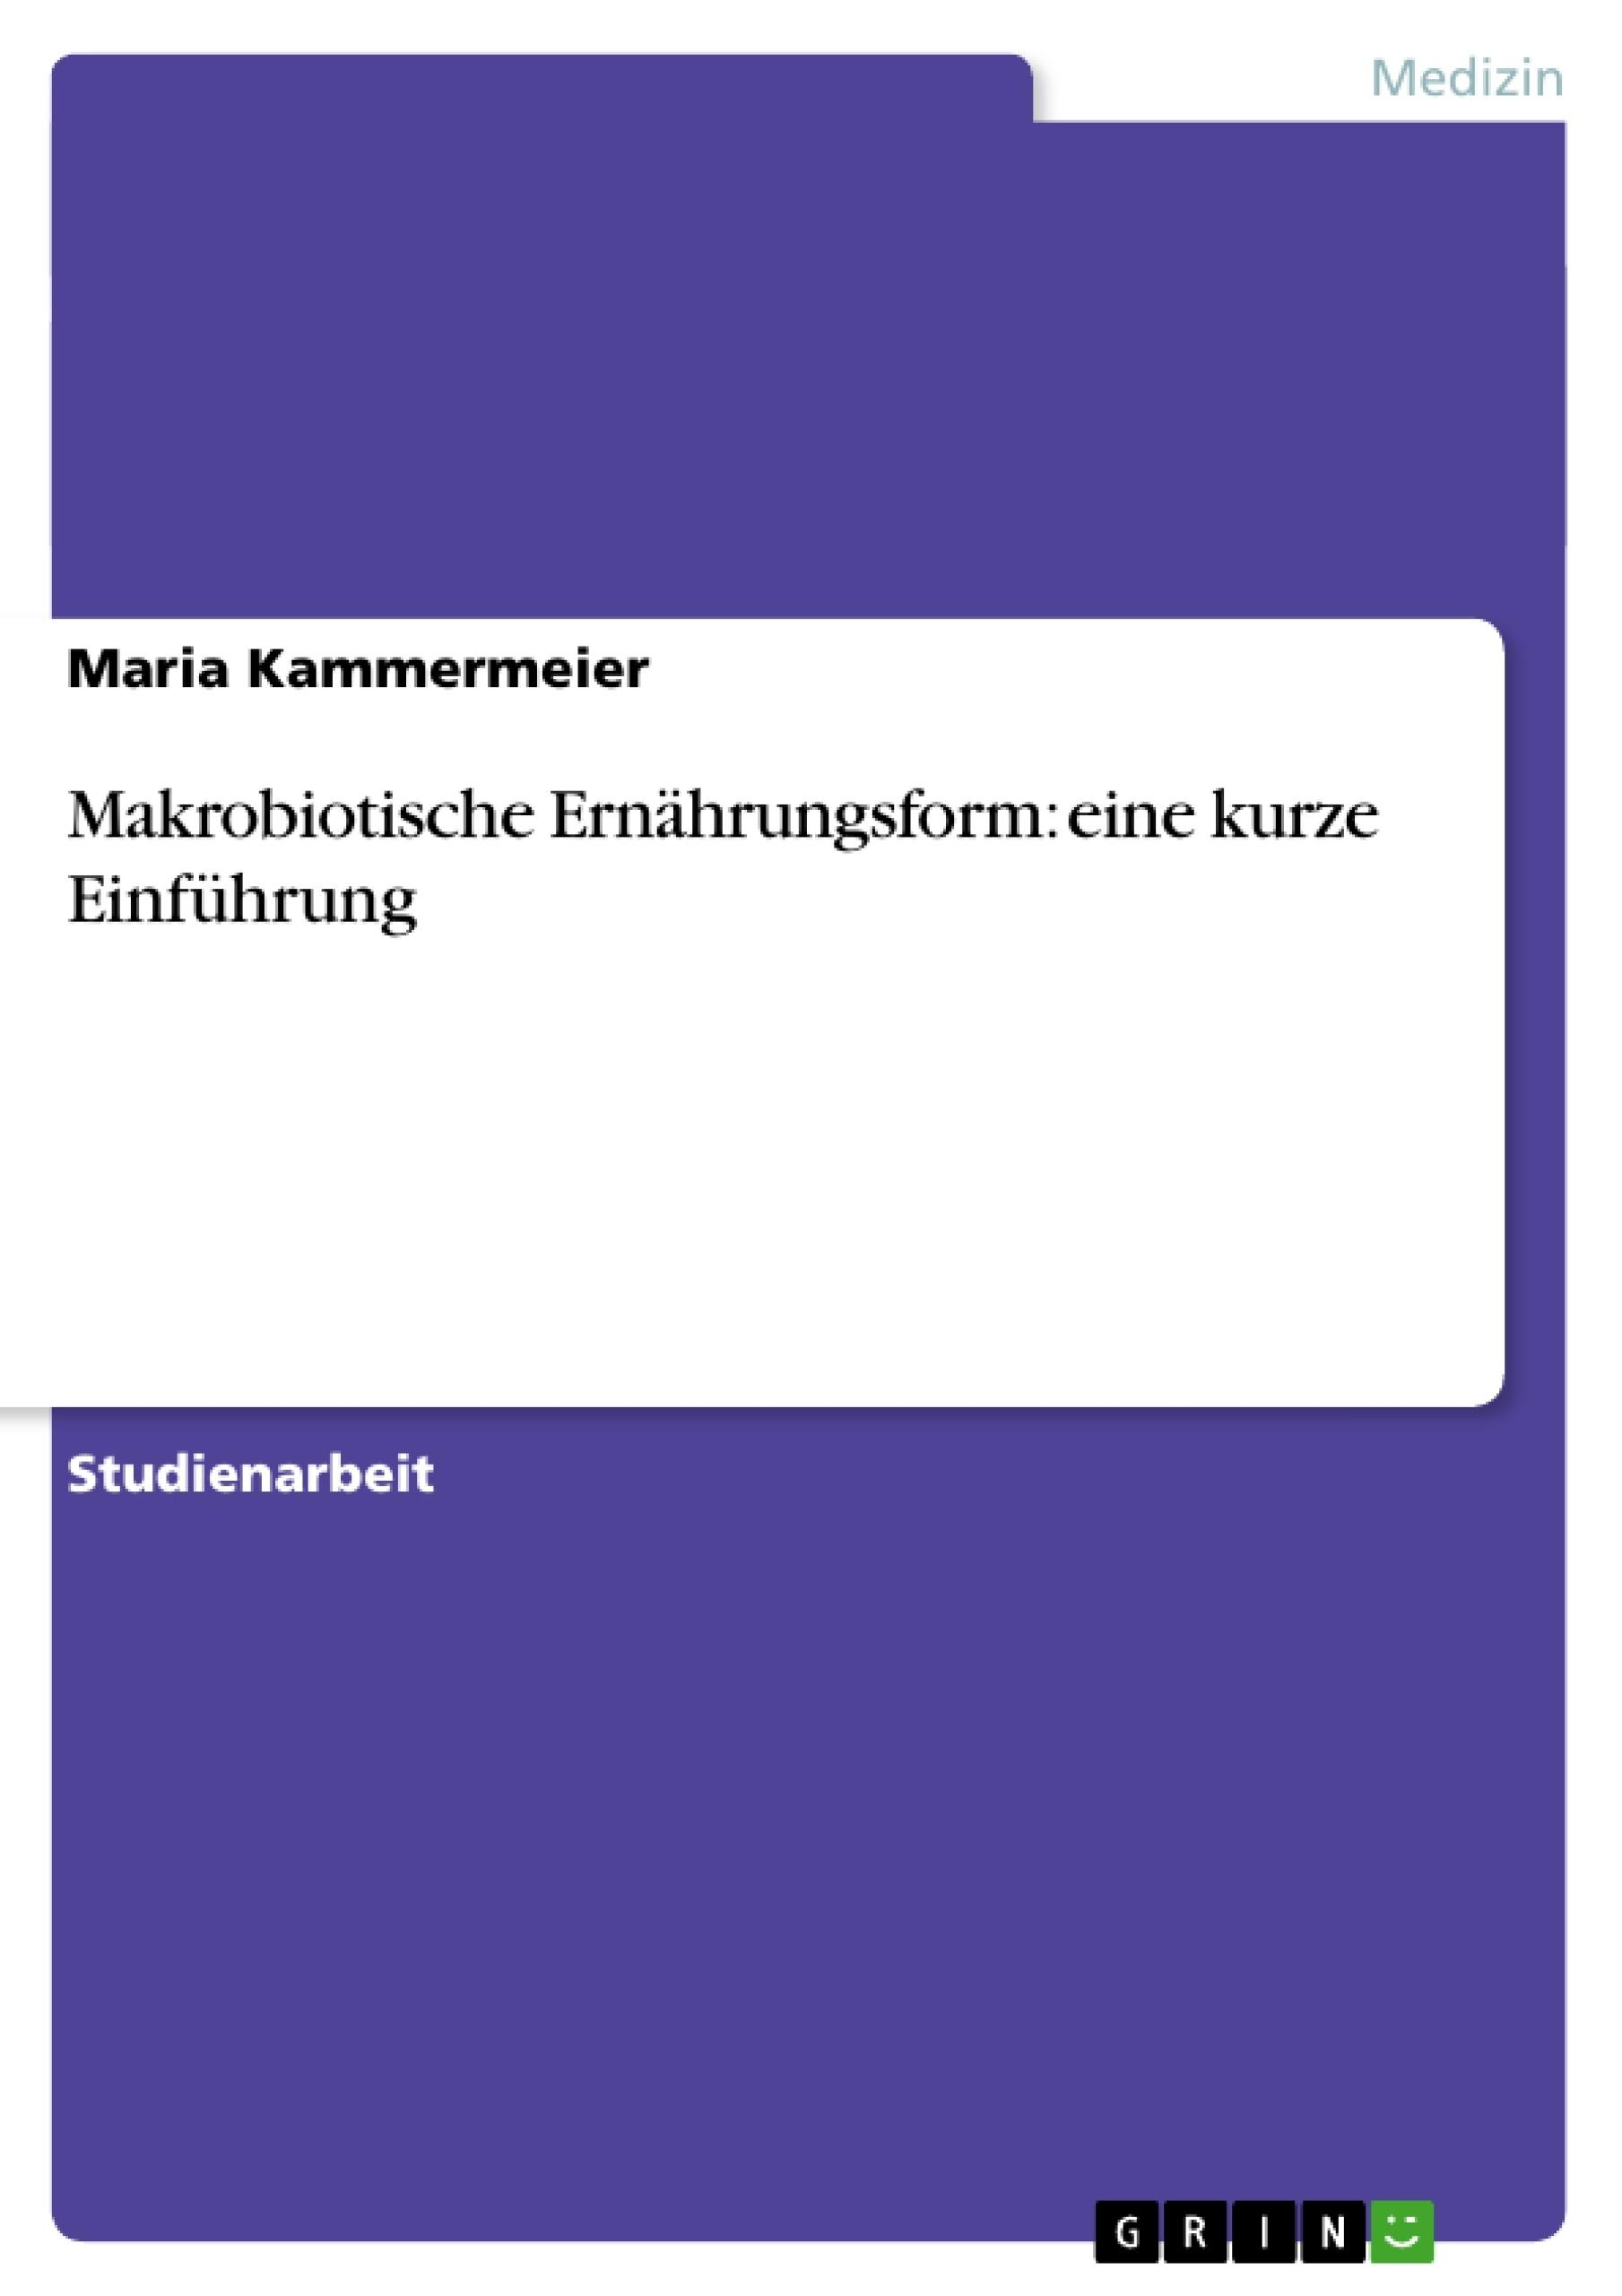 Titel: Makrobiotische Ernährungsform: eine kurze Einführung